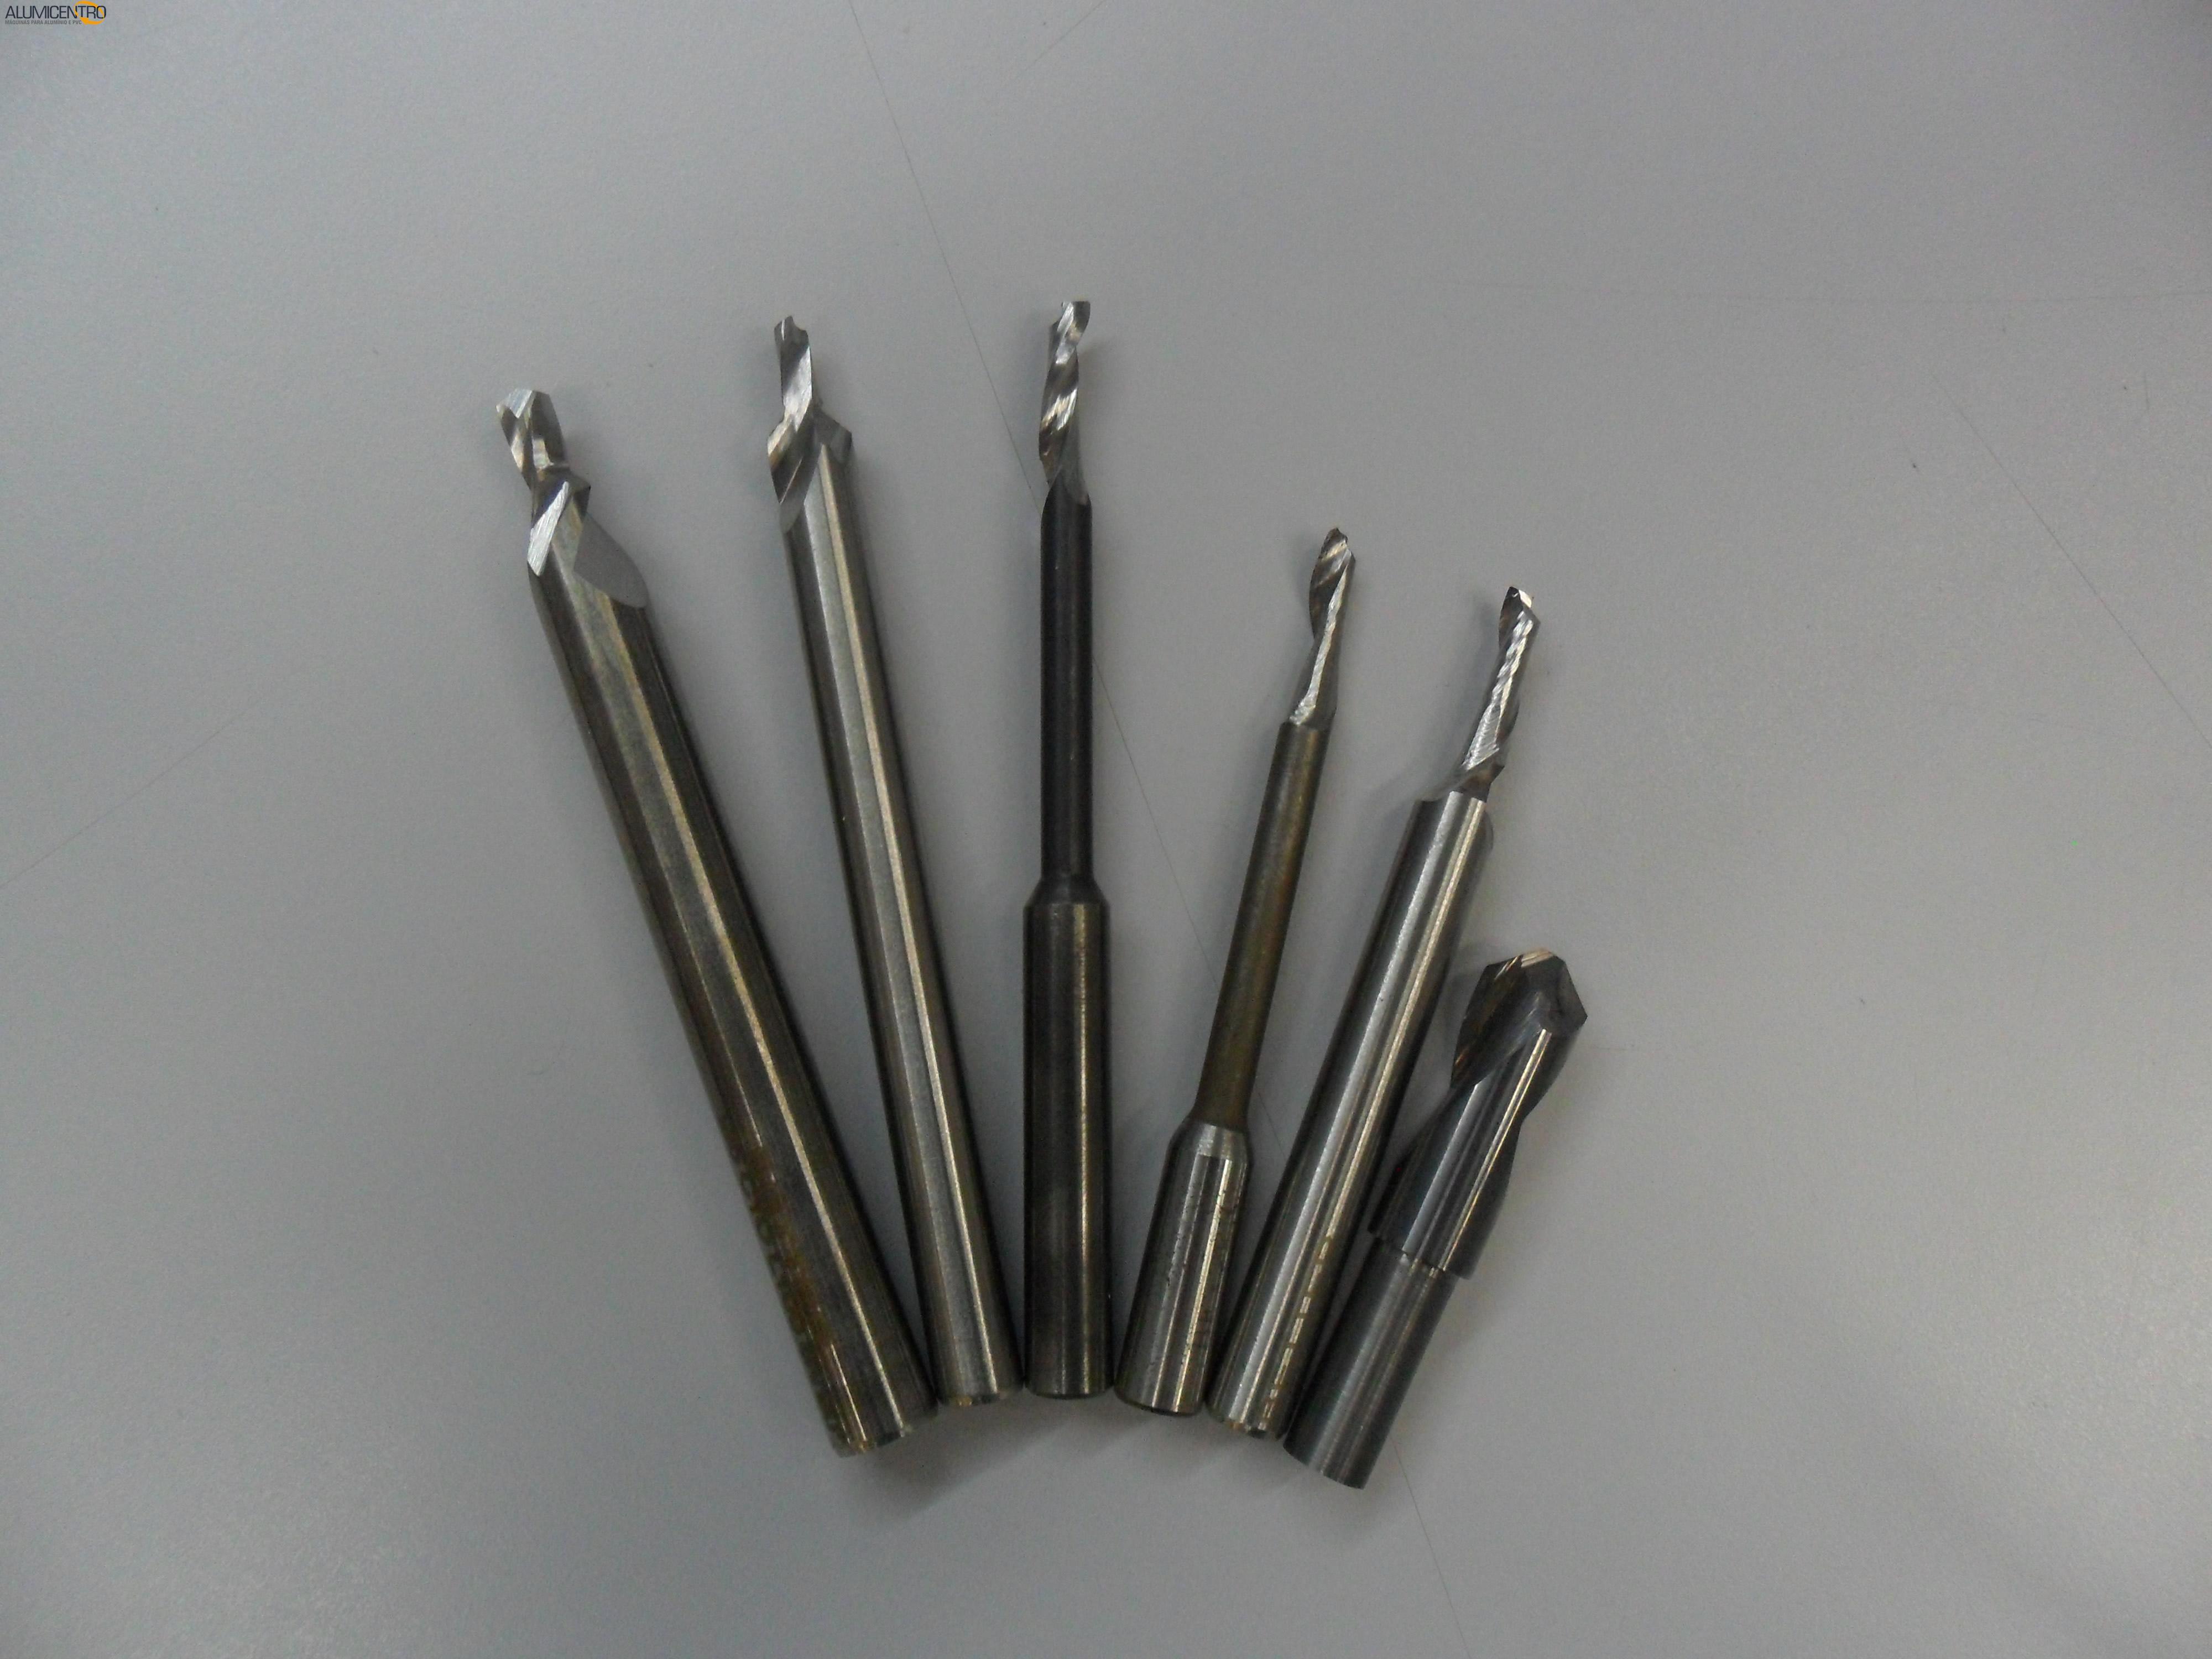 #585144 Furadeiras Qual A Melhor 1858 Janela De Aluminio Qual A Melhor Marca